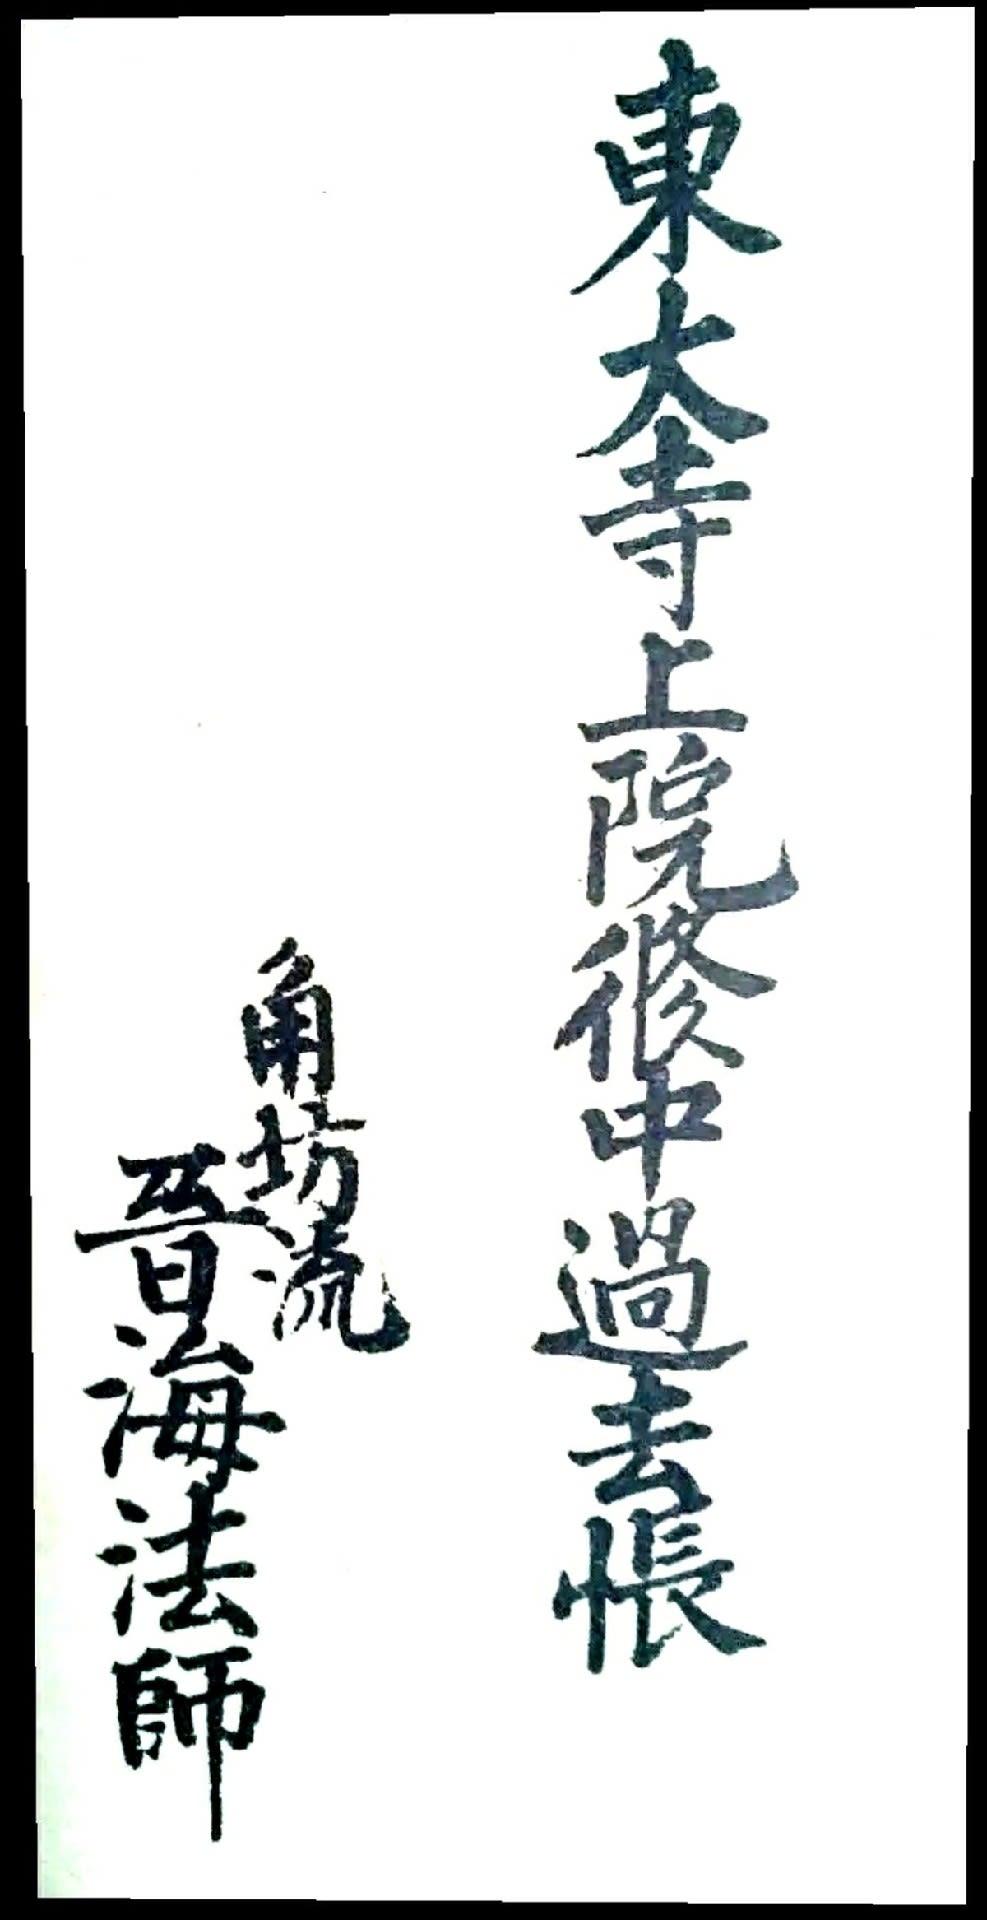 赤丸米のふるさとから 越中のささやき ぬぬぬ!!!(5ページ目)